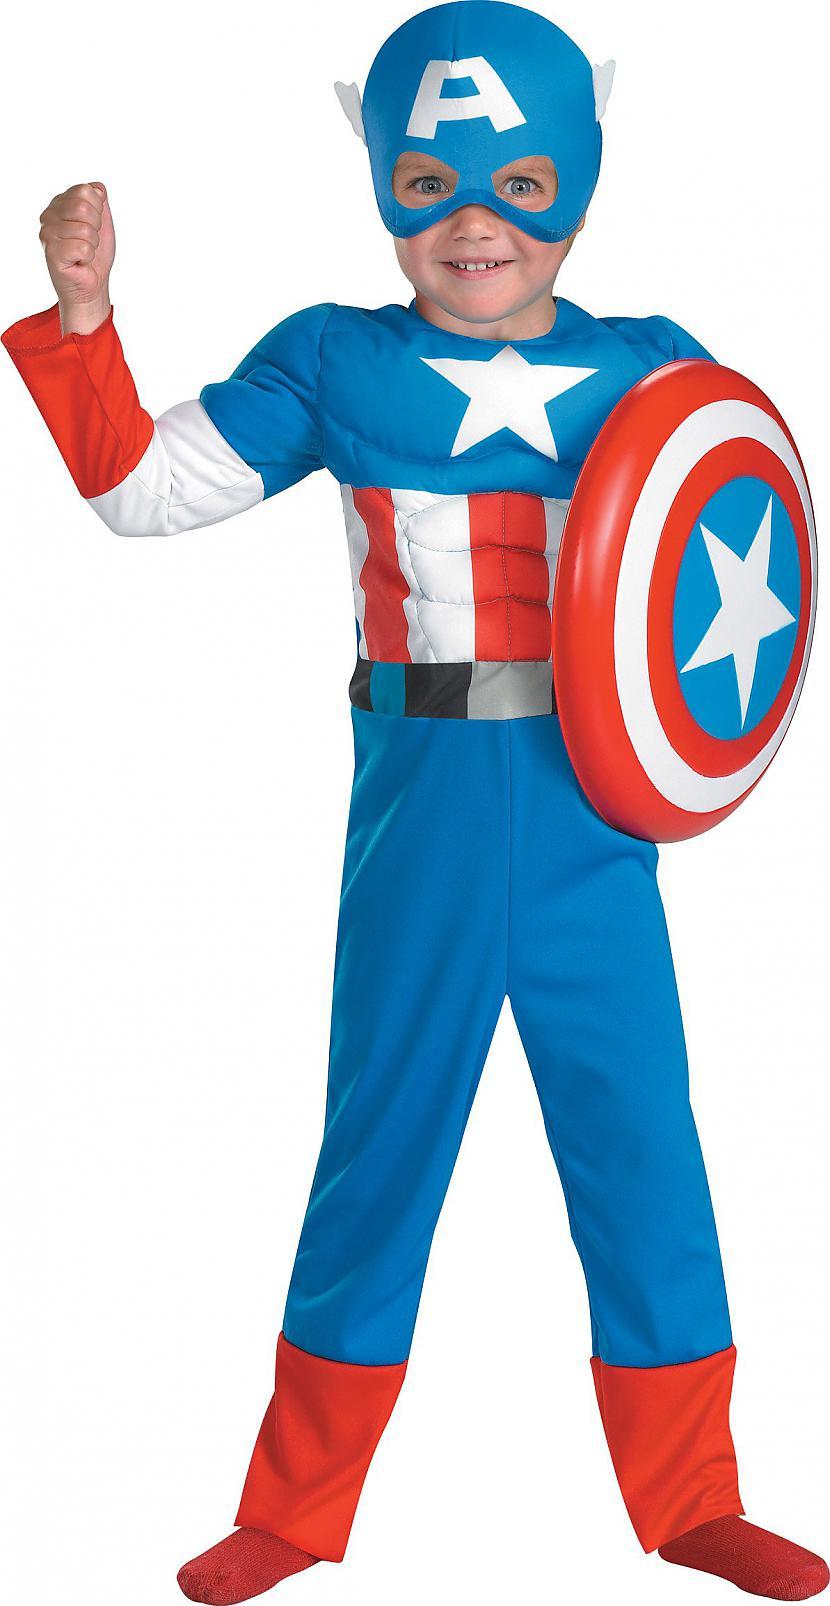 Kapteinis Amerika Autors: aidzix Bērni Superkostīmos